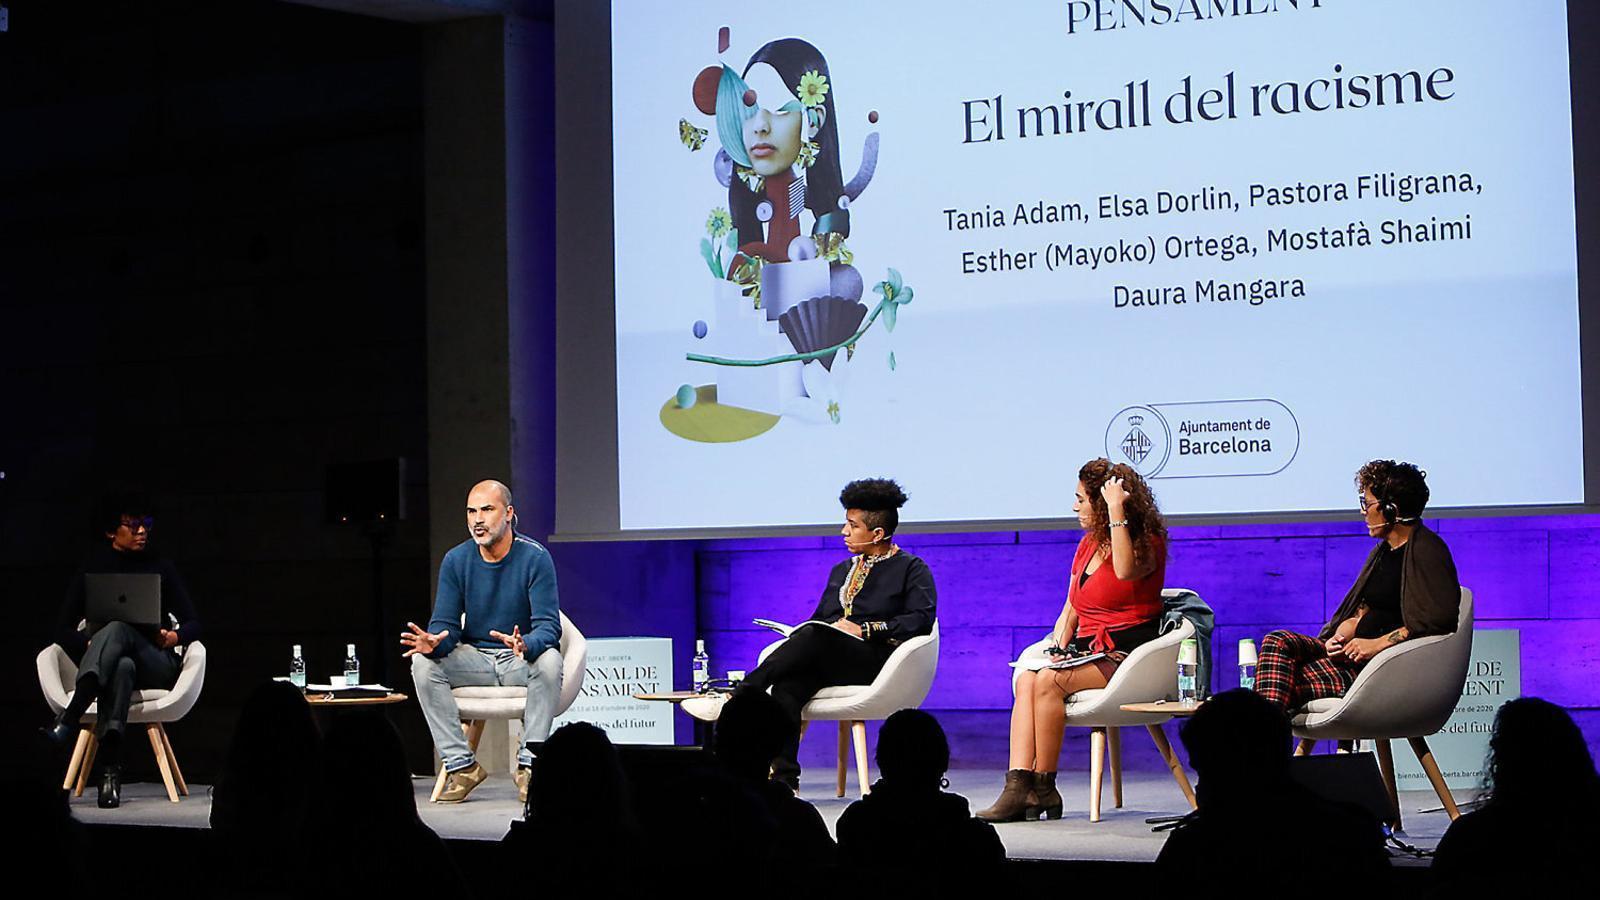 D'esquerra a dreta: Tania Adam, Mostafà Shaimi, Esther Mayoko Ortega, Pastora Filigrana i Elsa Dorlin a El mirall del racisme.